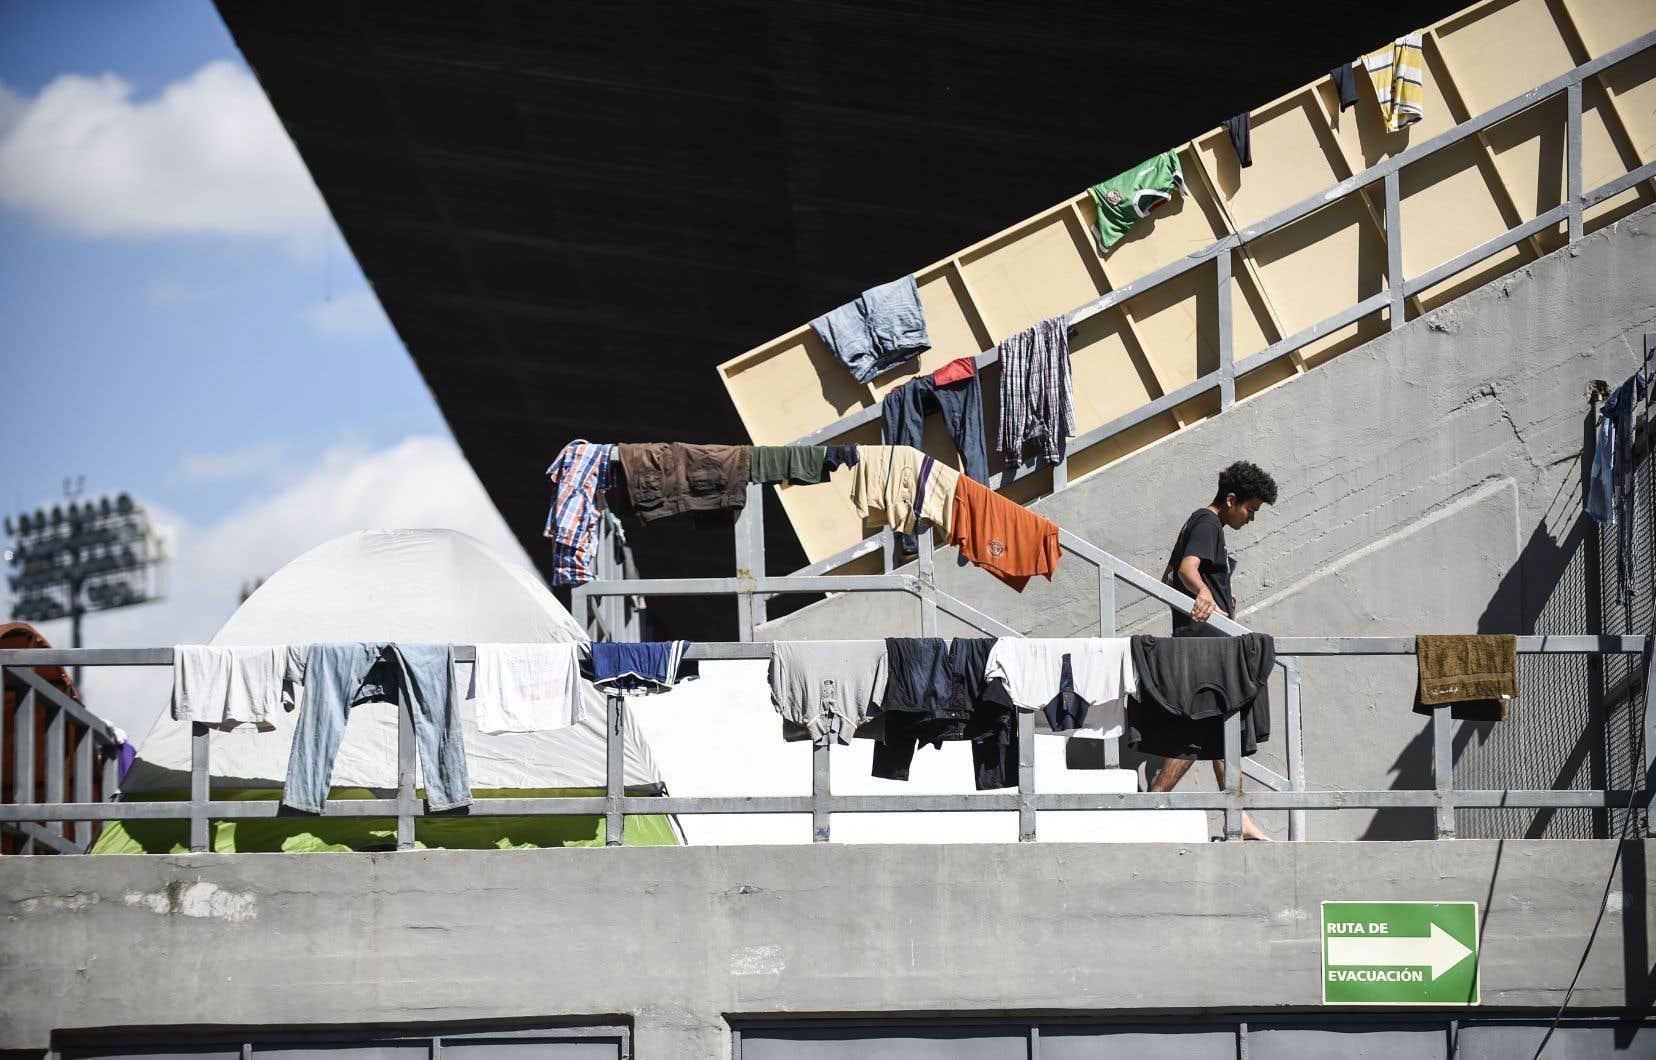 Environ 2000 membres de la caravane ont été hébergés dans un refuge de Mexico, tandis que les autres tentaient de rejoindre la capitale à bord de camions.